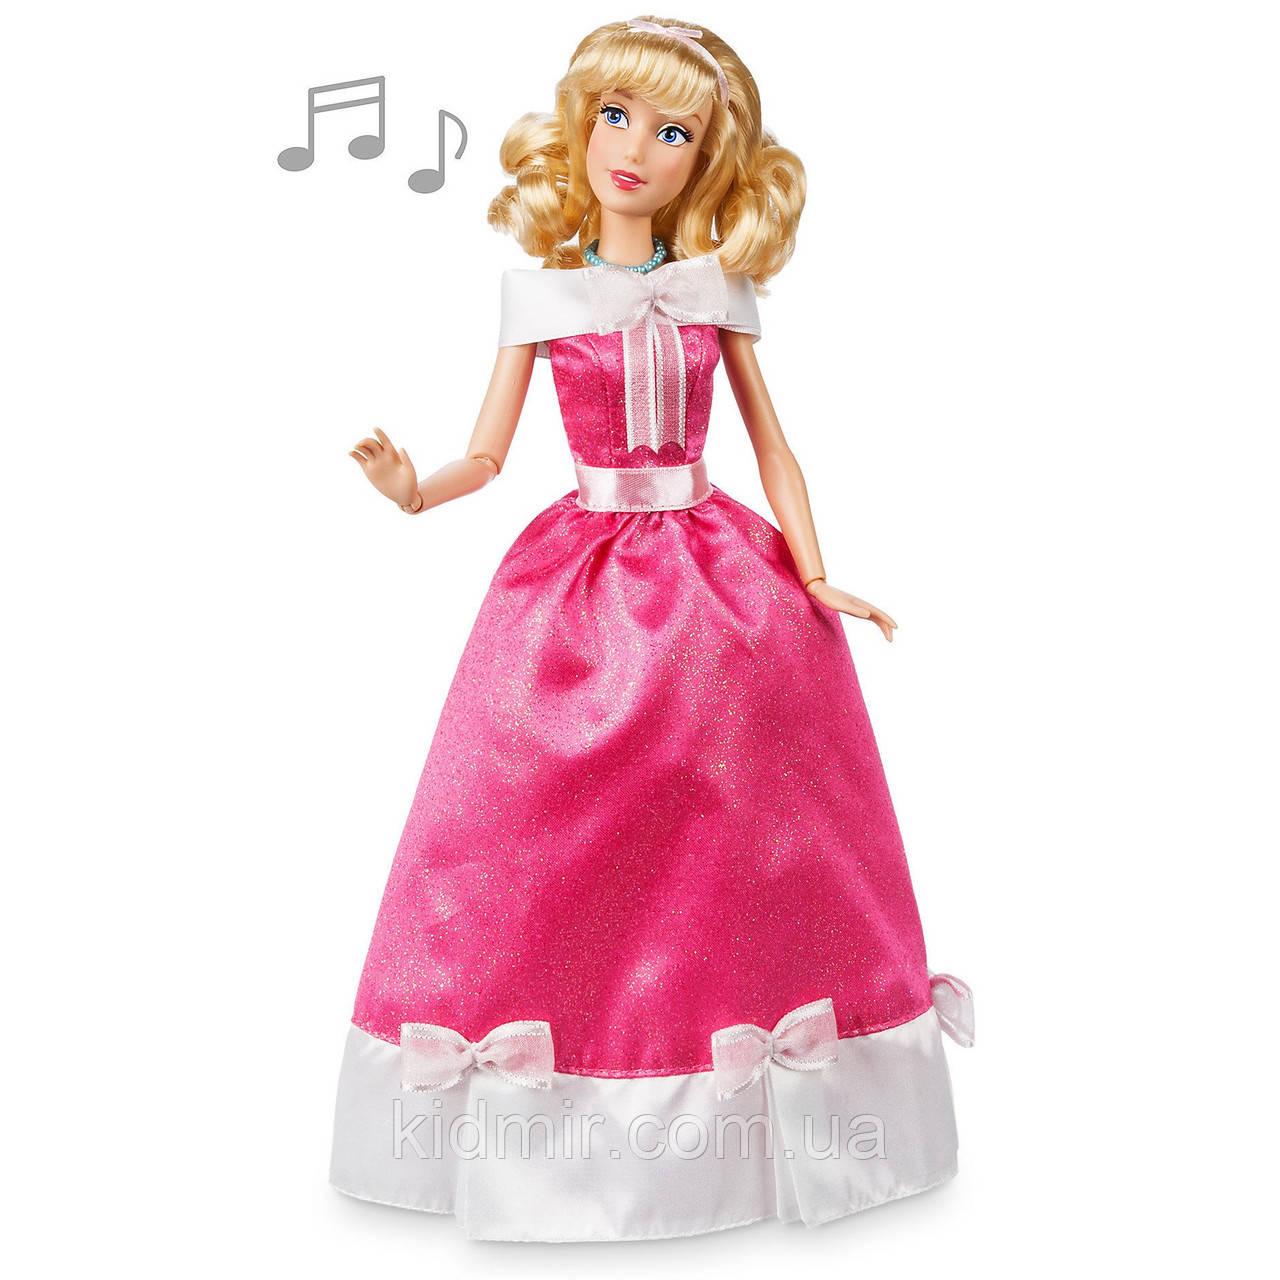 Купить Принцесса Дисней Золушка Поющая Cinderella Disney в ...